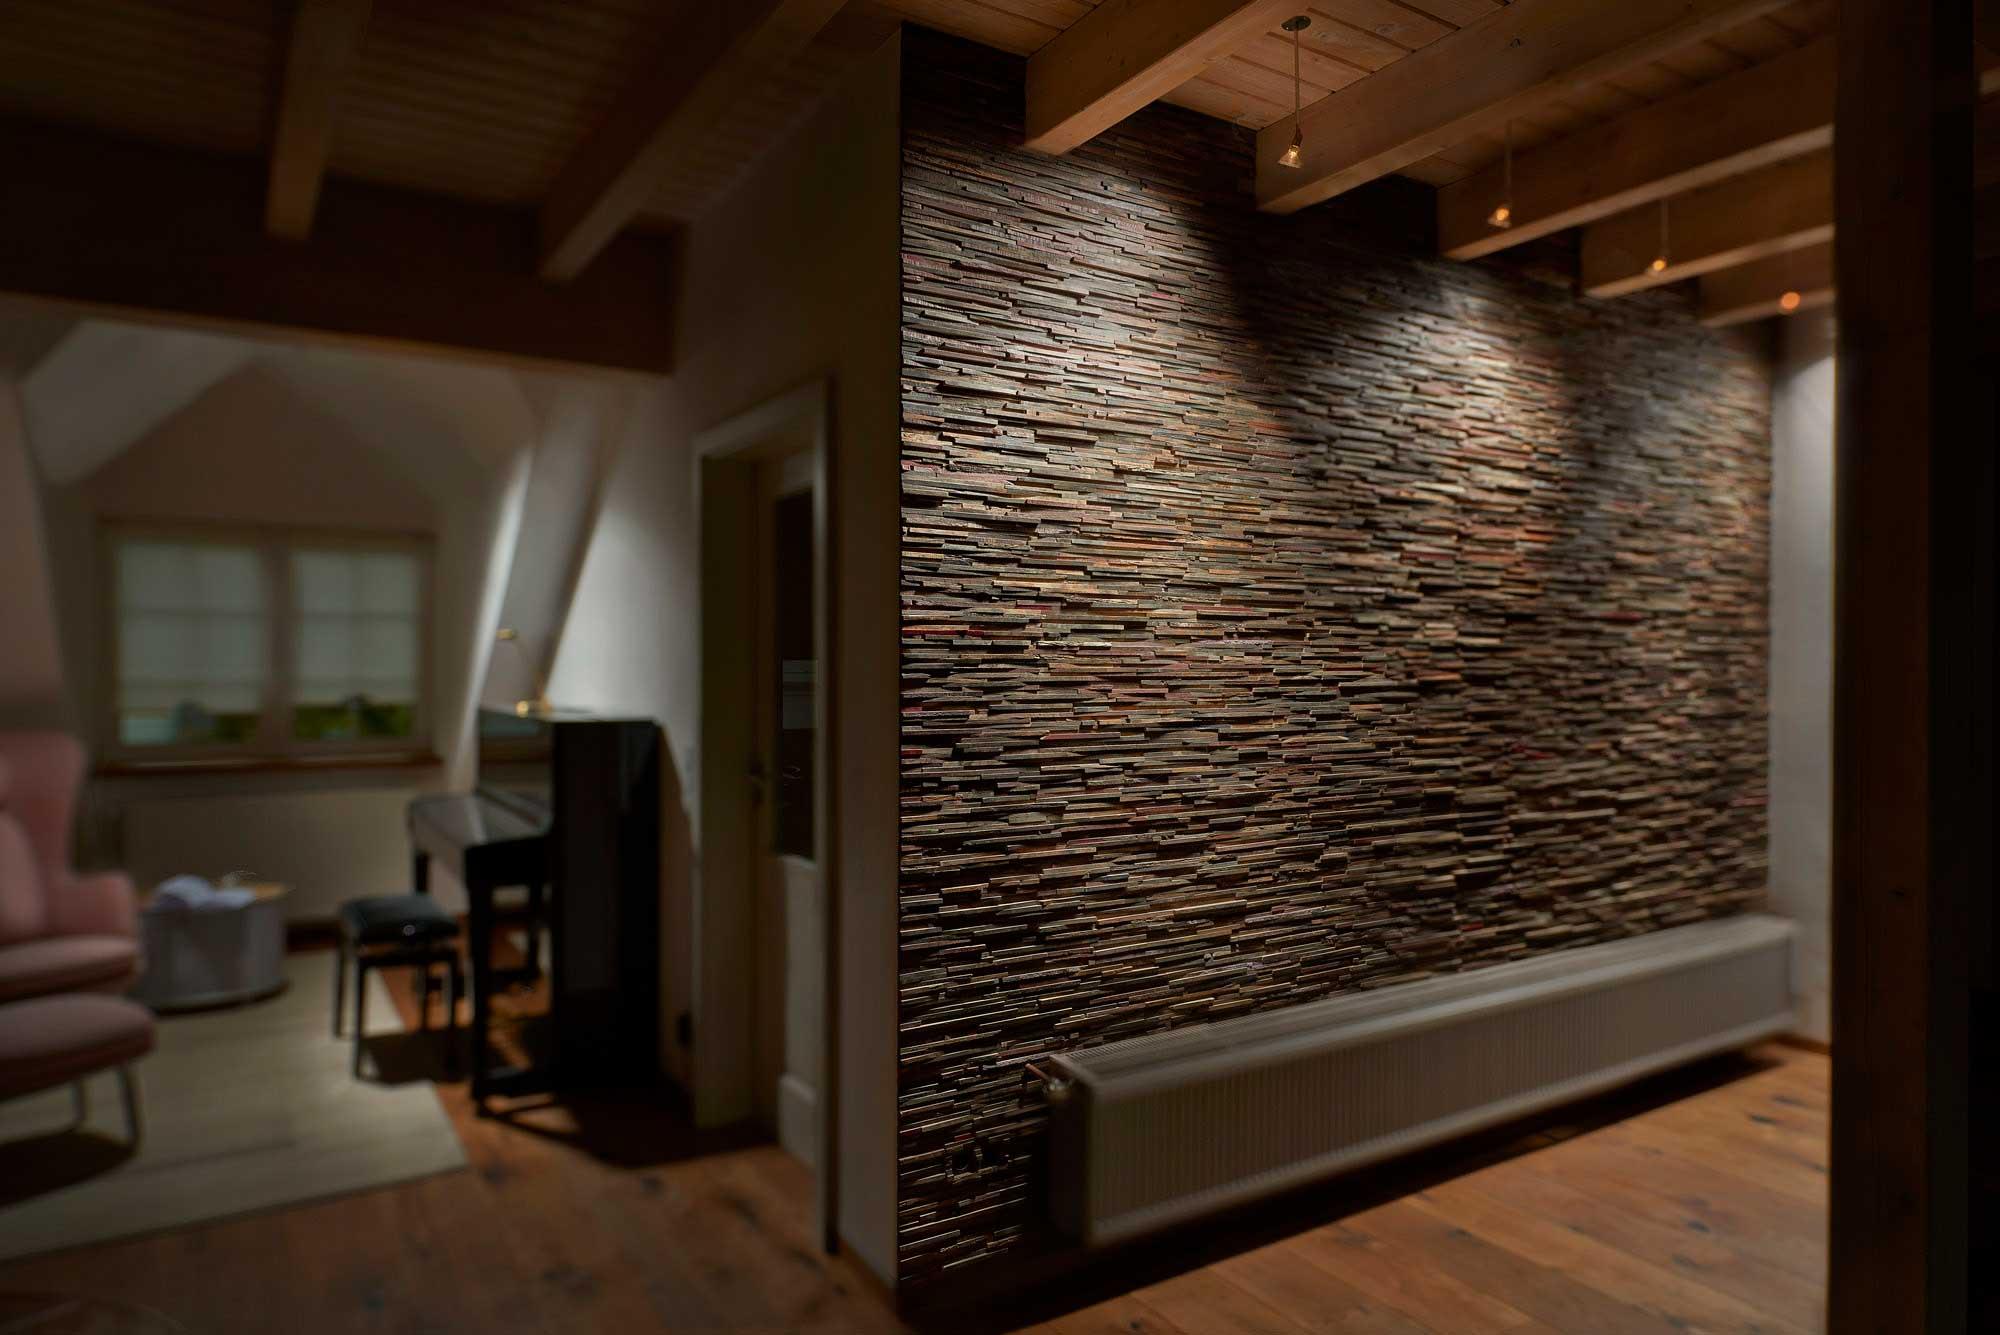 Wandpaneele aus Holz  alte Weinfsser neu verarbeitet